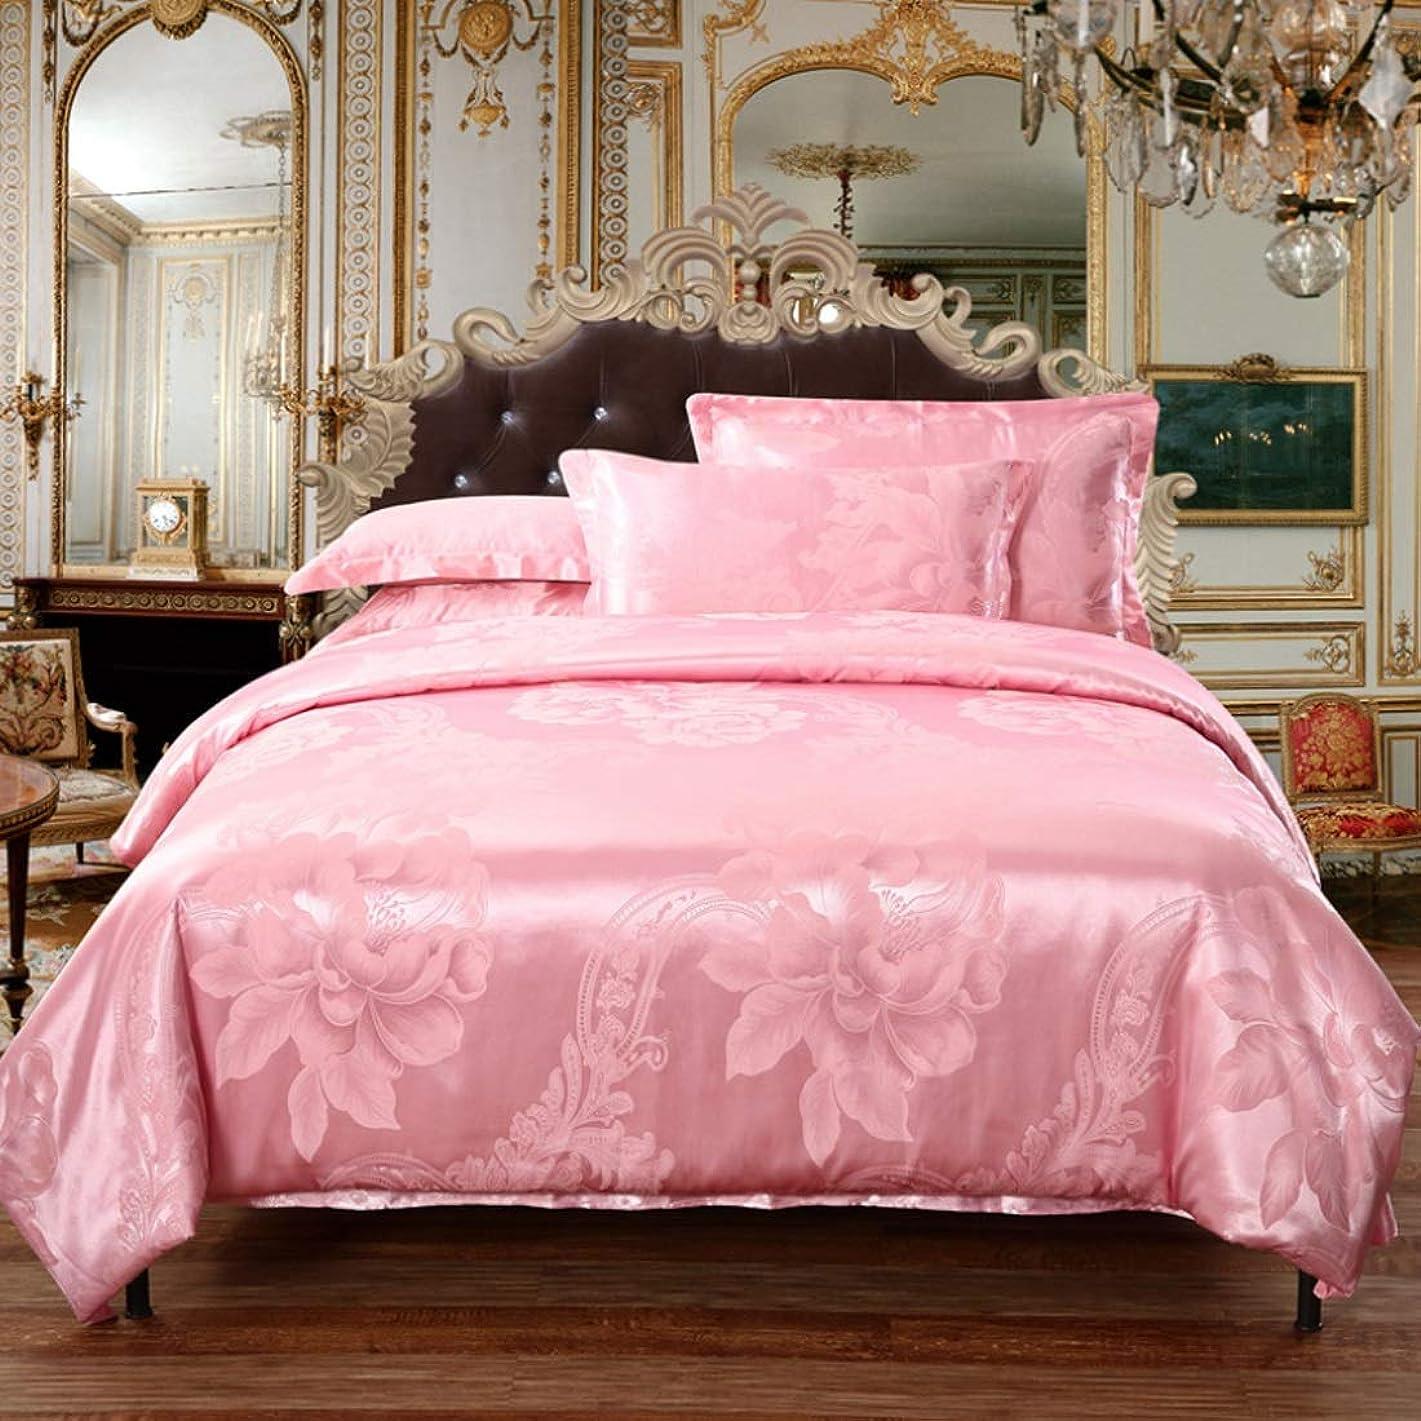 研磨効率島Jtydj ホームインテリアに適した4つのコットンハイグレード高密度ブラッシングベッドリネンピローケースのベッドのベッドセットの4つのセット (色 : ピンク, サイズ : 180CM)